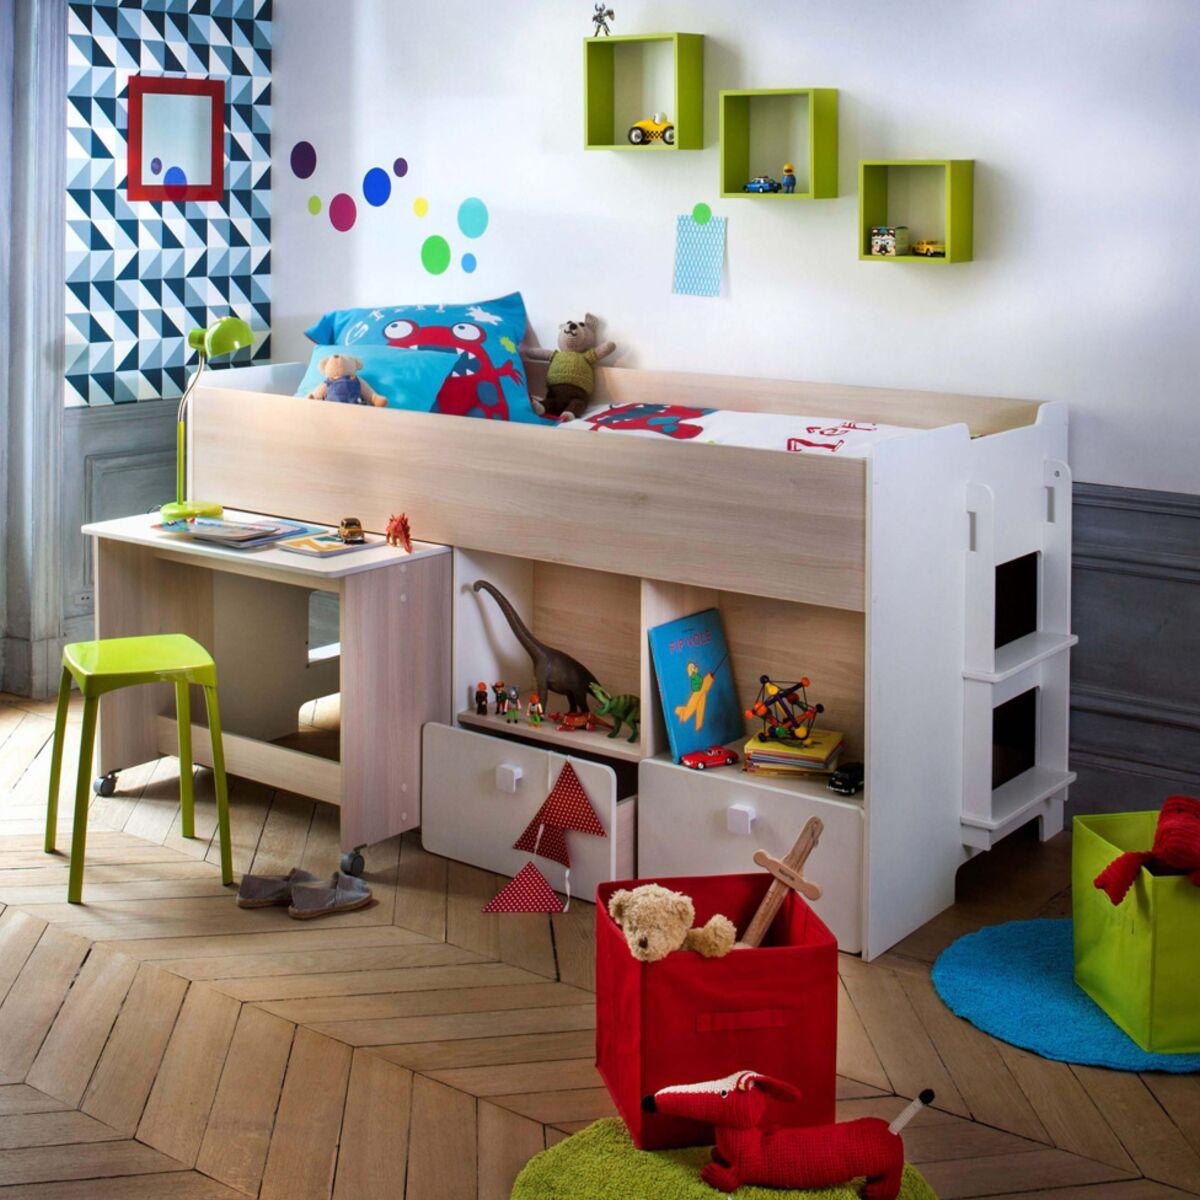 Décoration Chambre Bébé Fait Soi Même comment bien aménager une chambre d'enfant : femme actuelle